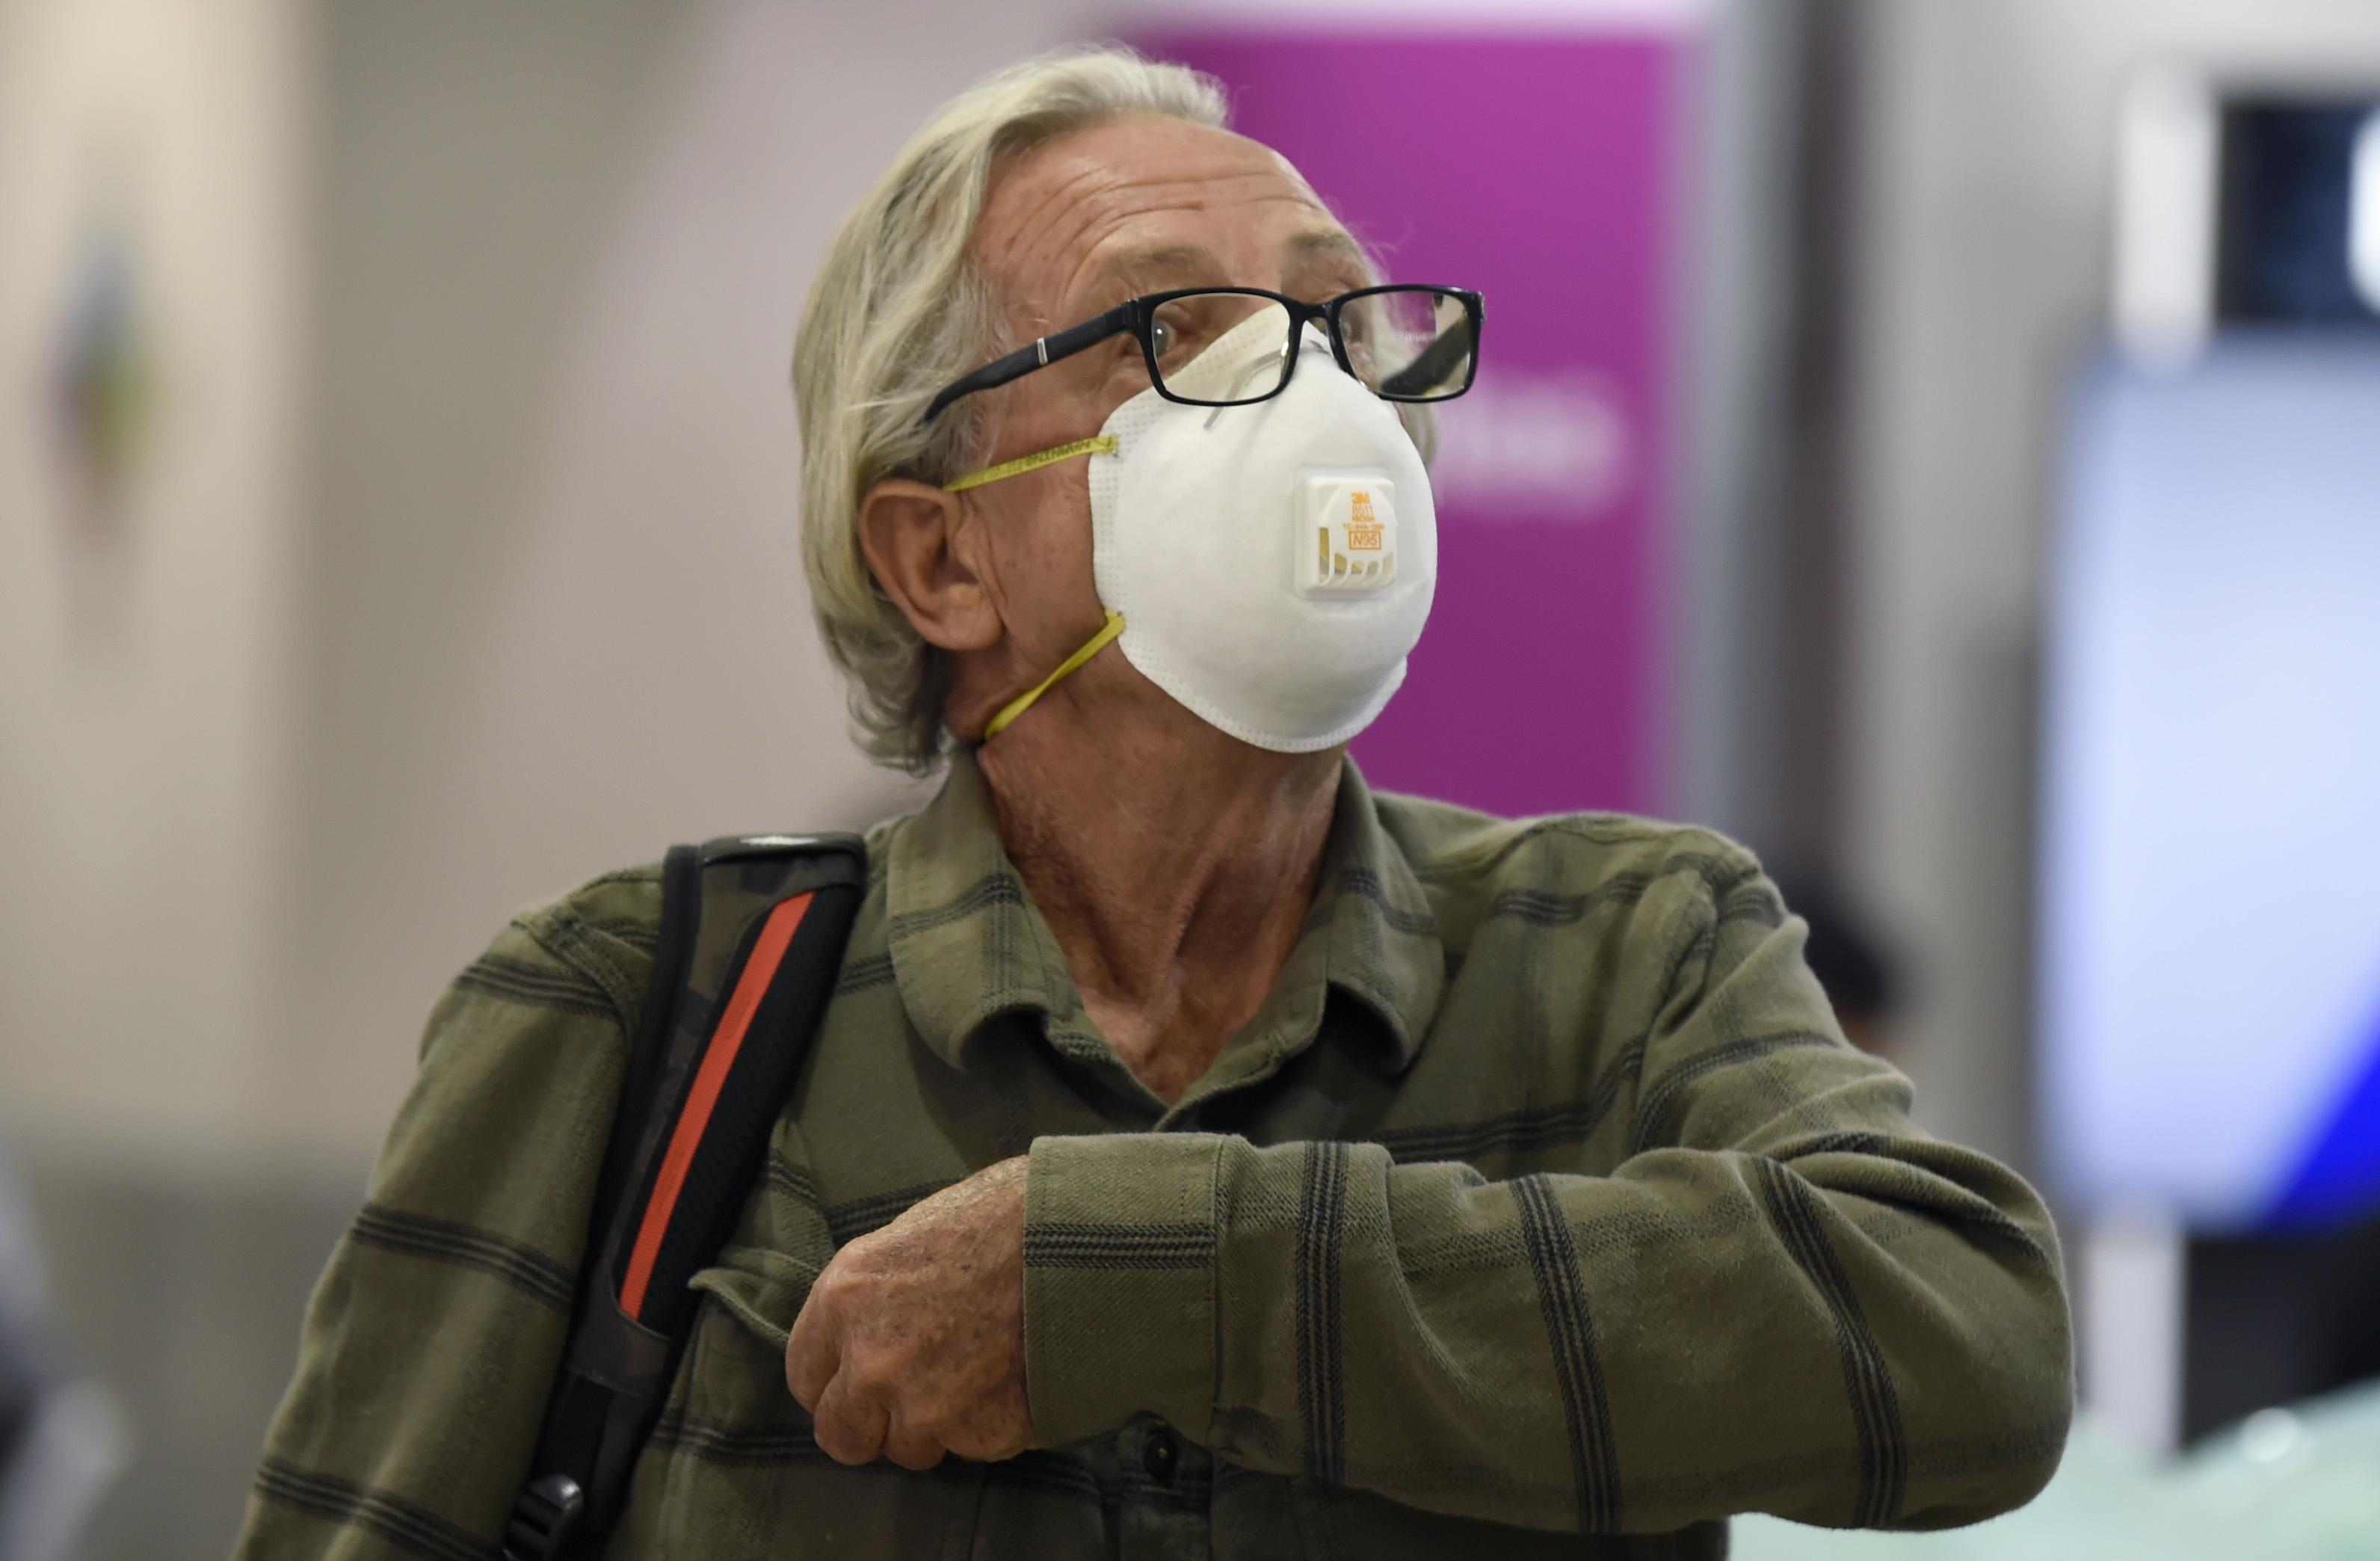 Los pasajeros usan máscaras protectoras al aterrizar en el aeropuerto internacional de la Ciudad de México, el 17 de marzo de 2020, cuando el nuevo coronoavirus, COVID-19, se extiende por todo el mundo. - El Ministerio de Salud de México confirmó los 83 casos de coronavirus del país el lunes.